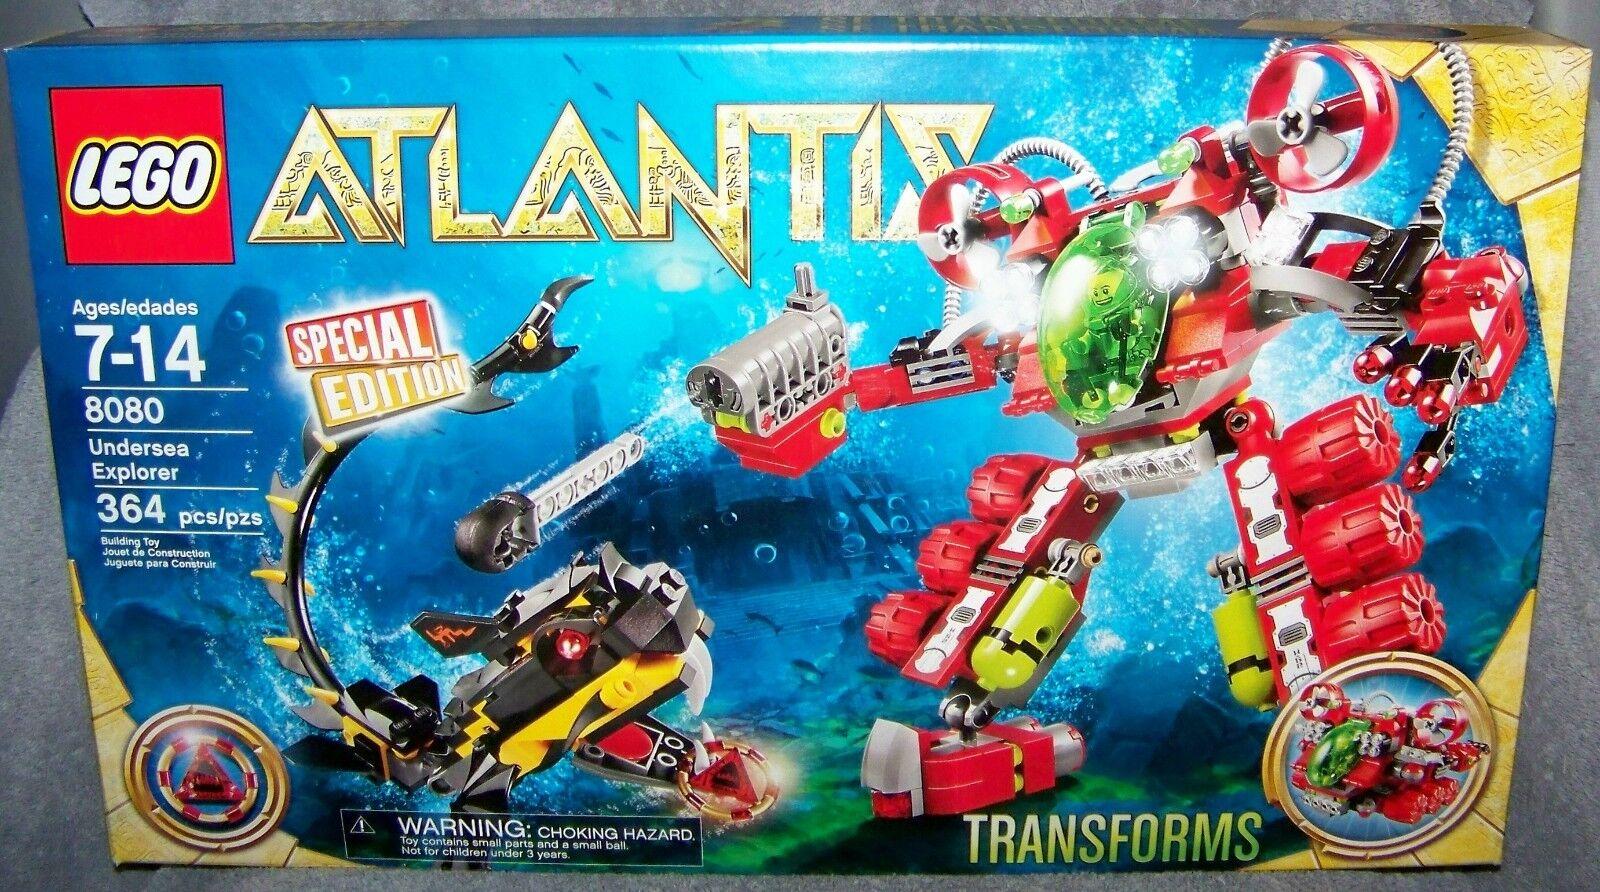 LEGO ATLANTIS 2010 ATLANTIS UNDERSEA EXPLORER SPECIAL EDITION  8080 AGES 7-14